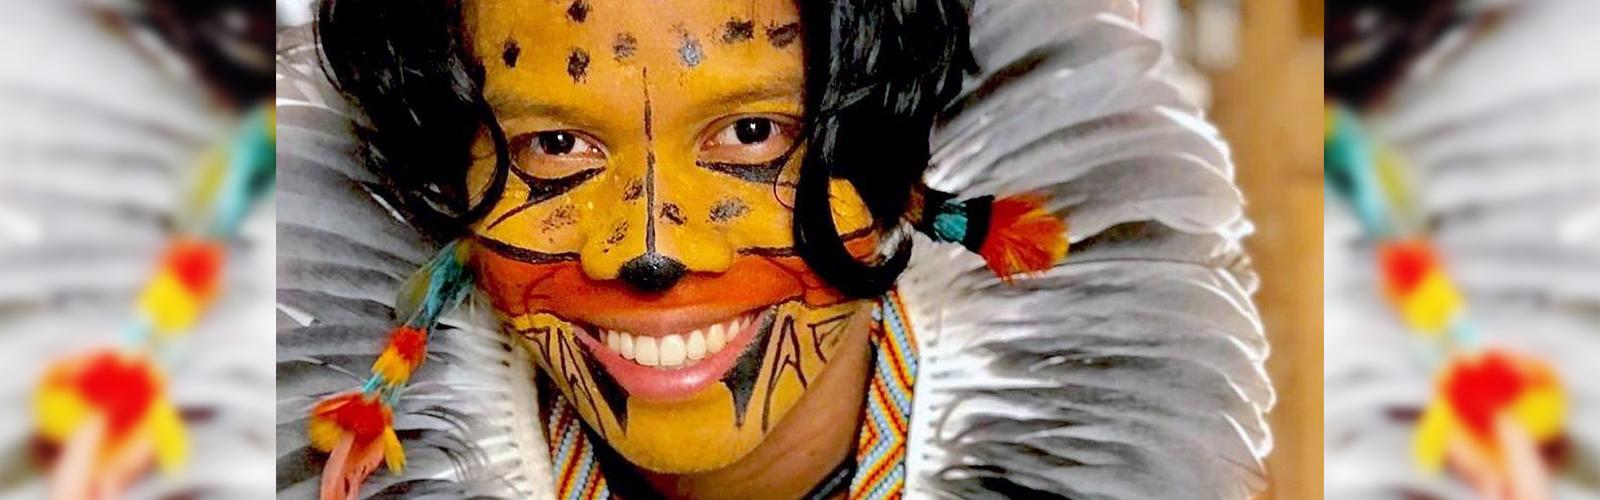 Tukumã Pataxó se destaca pelo ativismo indígena e aparece com pintura no rosto que se assemelha a uma onça, além de um cocar na cabeça, com penas em tons de cinza.